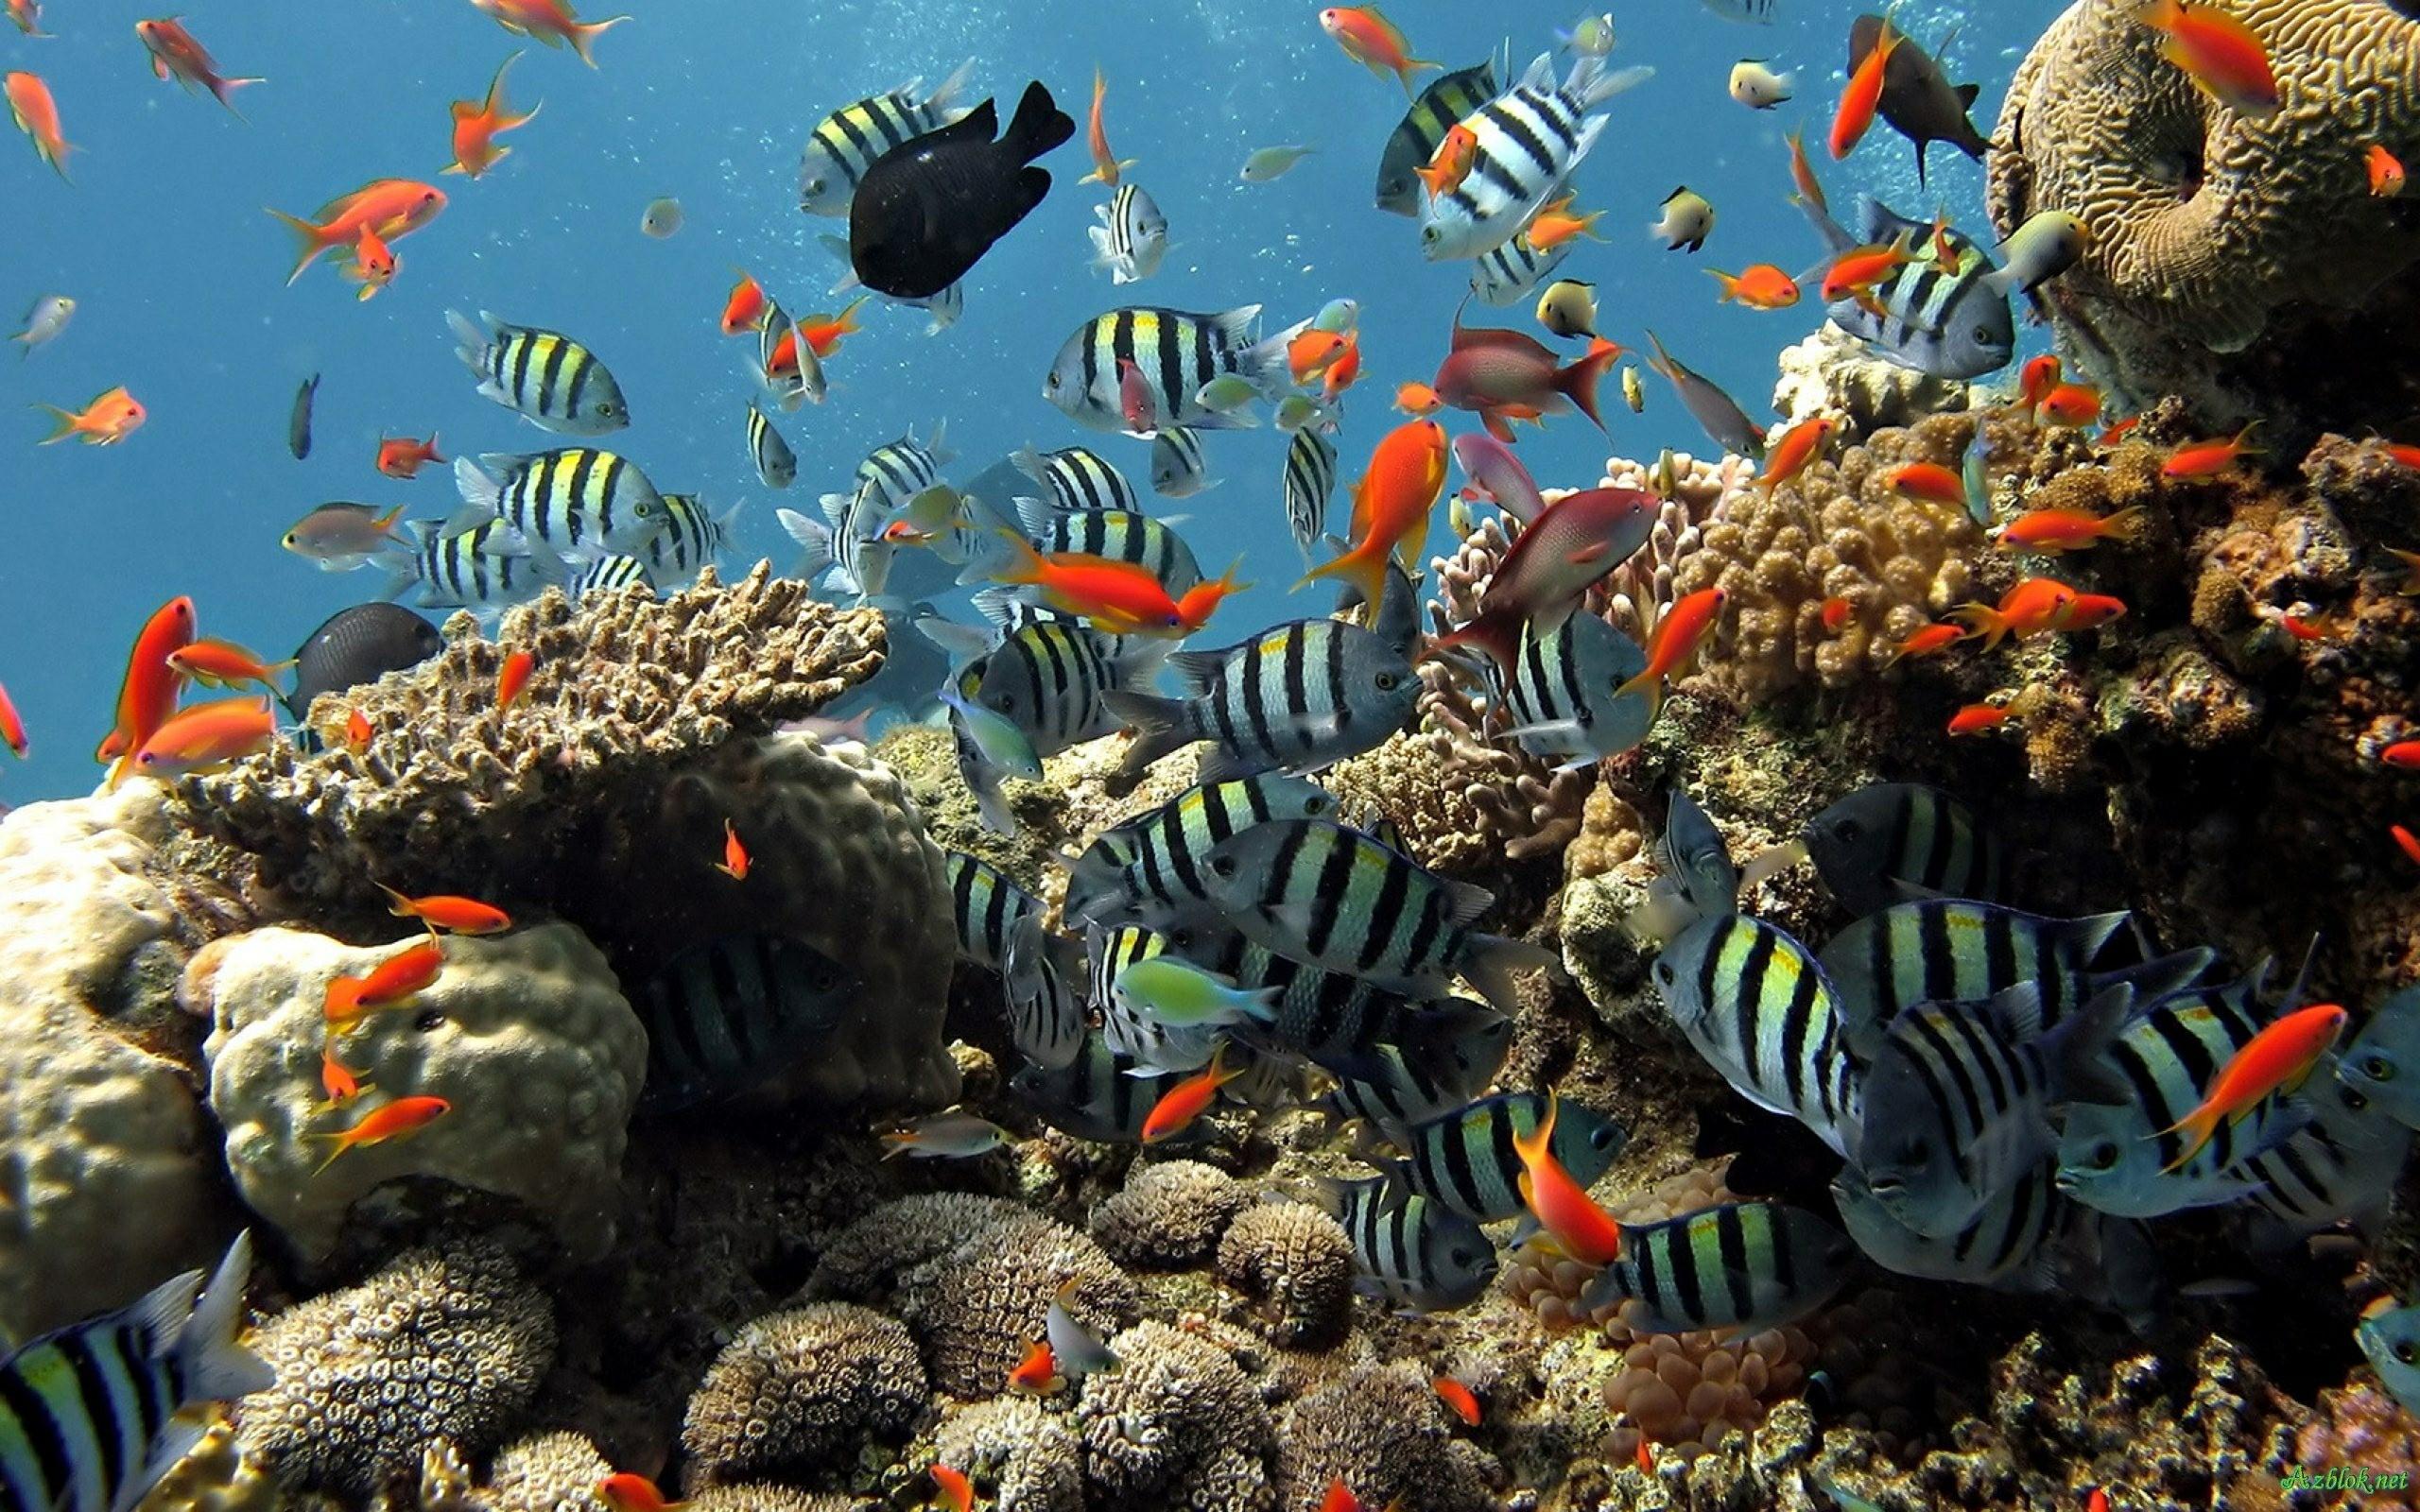 Aquarium Live Wallpaper For Pc Free Download